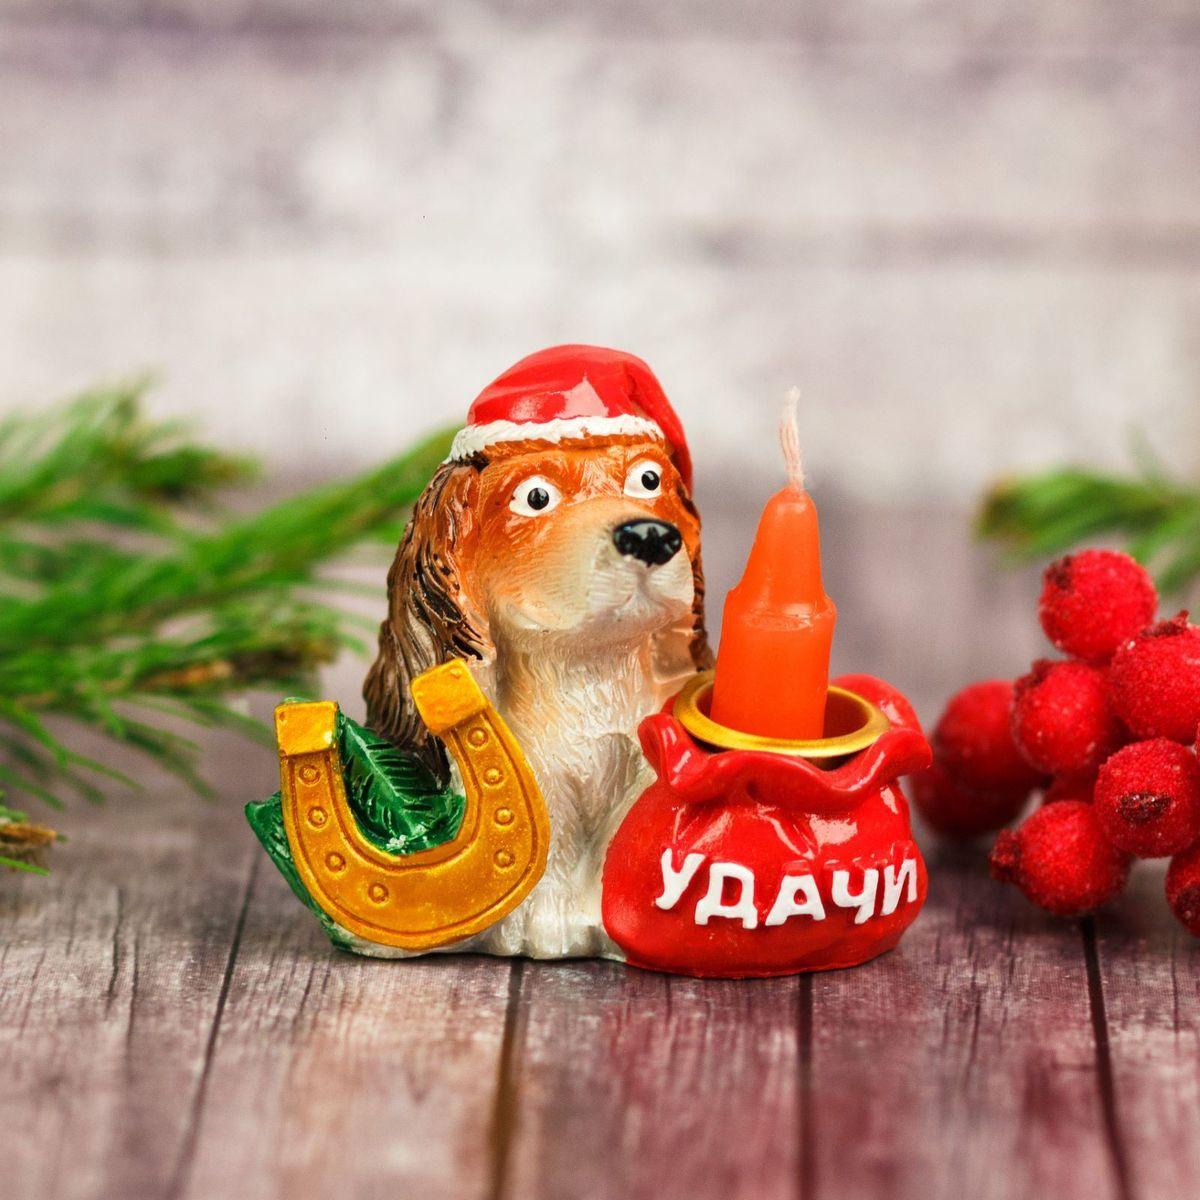 Подсвечник Sima-land Удачи, 5 см1989285Создать романтичную атмосферу в самую волшебную ночь года поможет Подсвечник Удачи. Мерцающий свет от одного или нескольких изделий наполнит комнату теплом и принесёт новогоднее настроение.Сувенир станет приятным сюрпризом или отличным дополнением к основному подарку.Внимание! Расставляйте зажжённые свечи аккуратно, вдали от легковоспламеняющихся предметов.